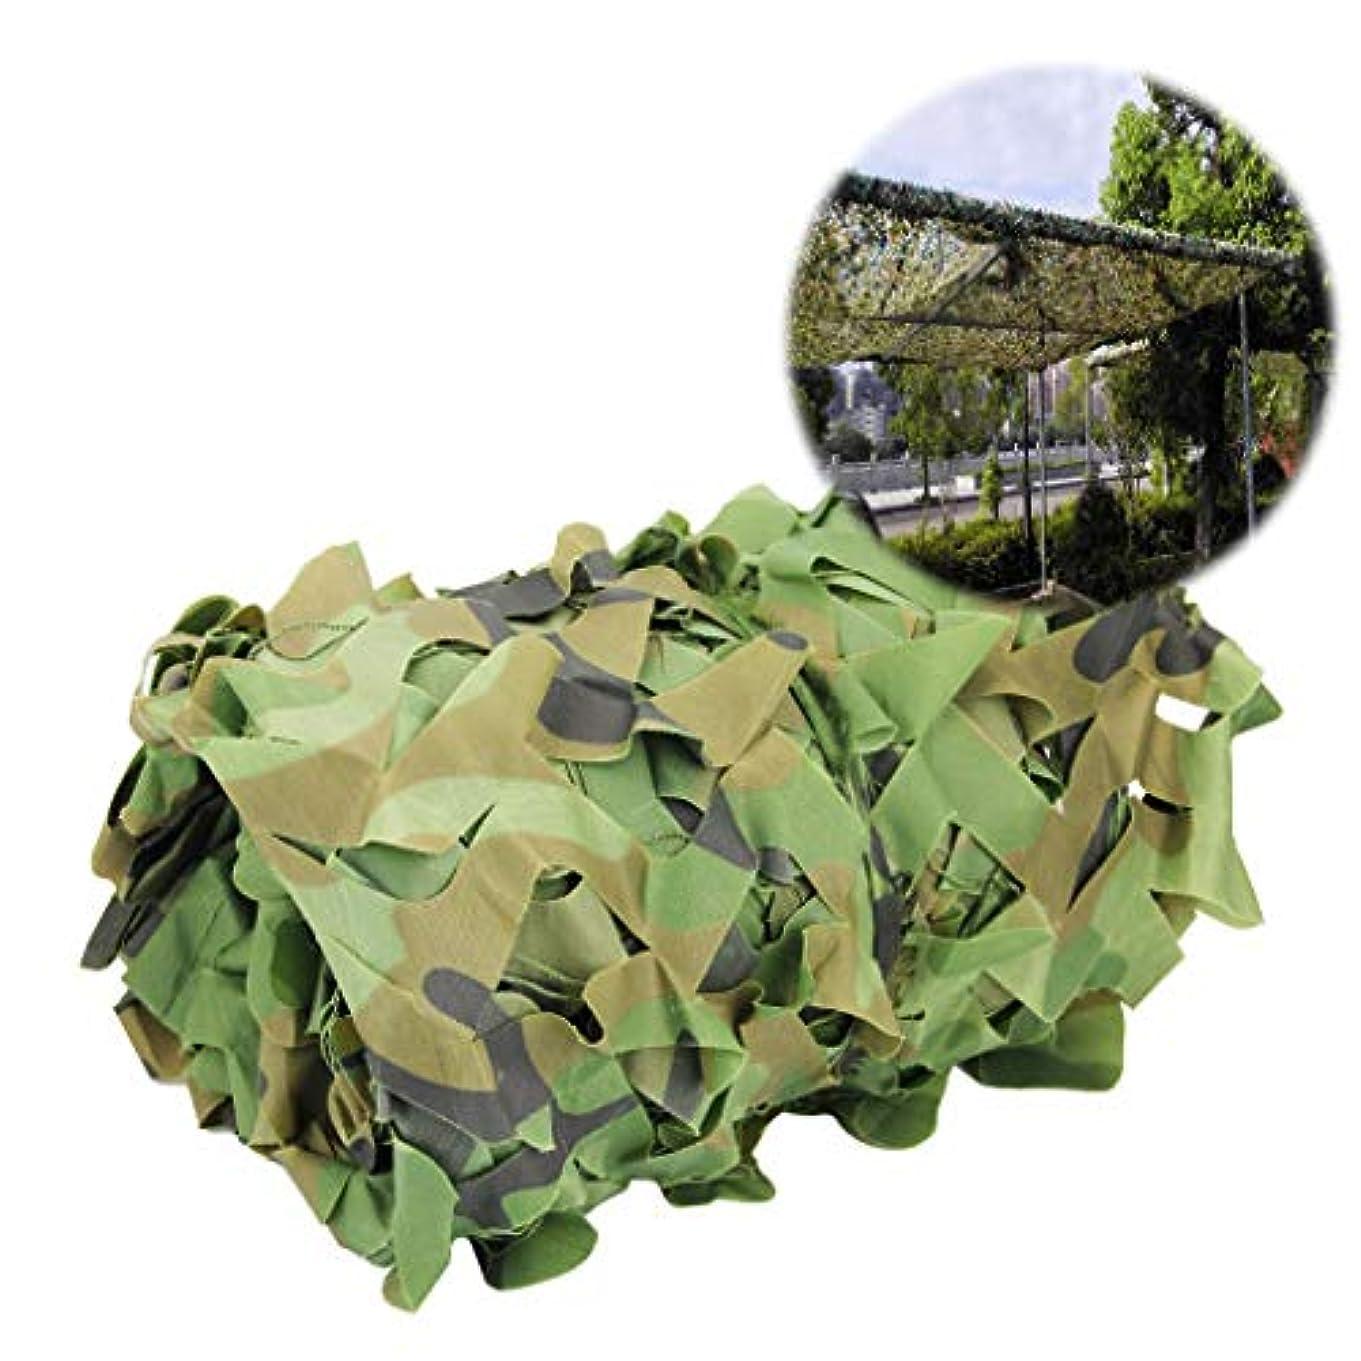 ショット物理的に明示的に迷彩柄カ森林迷彩ネット ハンティングカモネッティングオックスフォード生地  UV耐性シェード陸軍メッシュネット  キャンプ軍事狩猟射撃のための日焼け止めネットカモフラージュネット